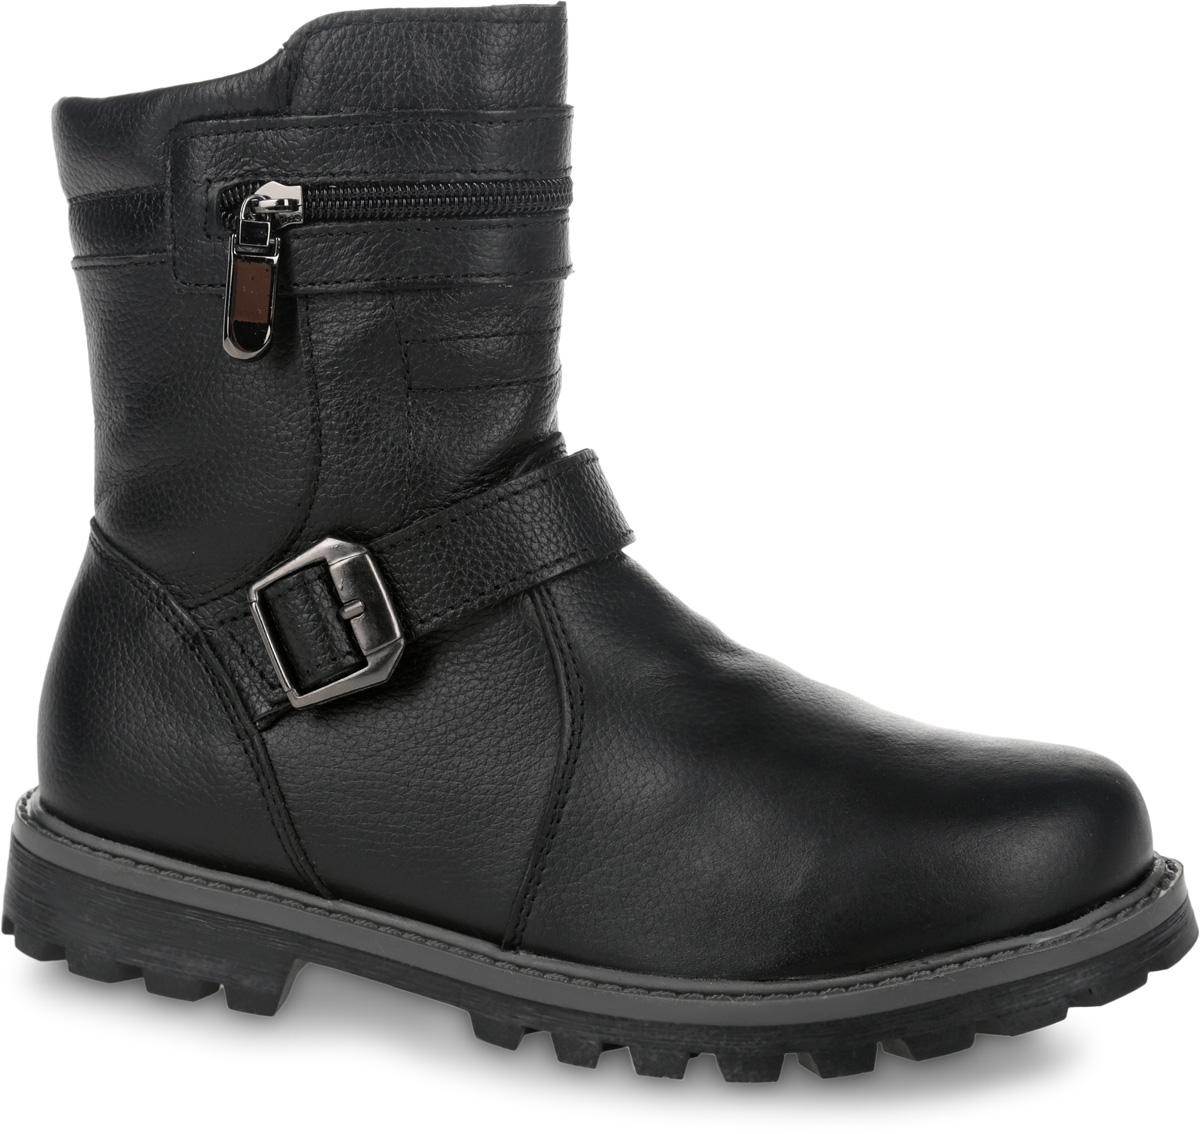 11204-1Полусапоги от Зебра выполнены из натуральной кожи и оформлены декоративными ремешками. Застежка-молния надежно фиксирует изделие на ноге. Мягкая подкладка и стелька из натуральноого меха обеспечивают тепло, циркуляцию воздуха и сохраняют комфортный микроклимат в обуви.